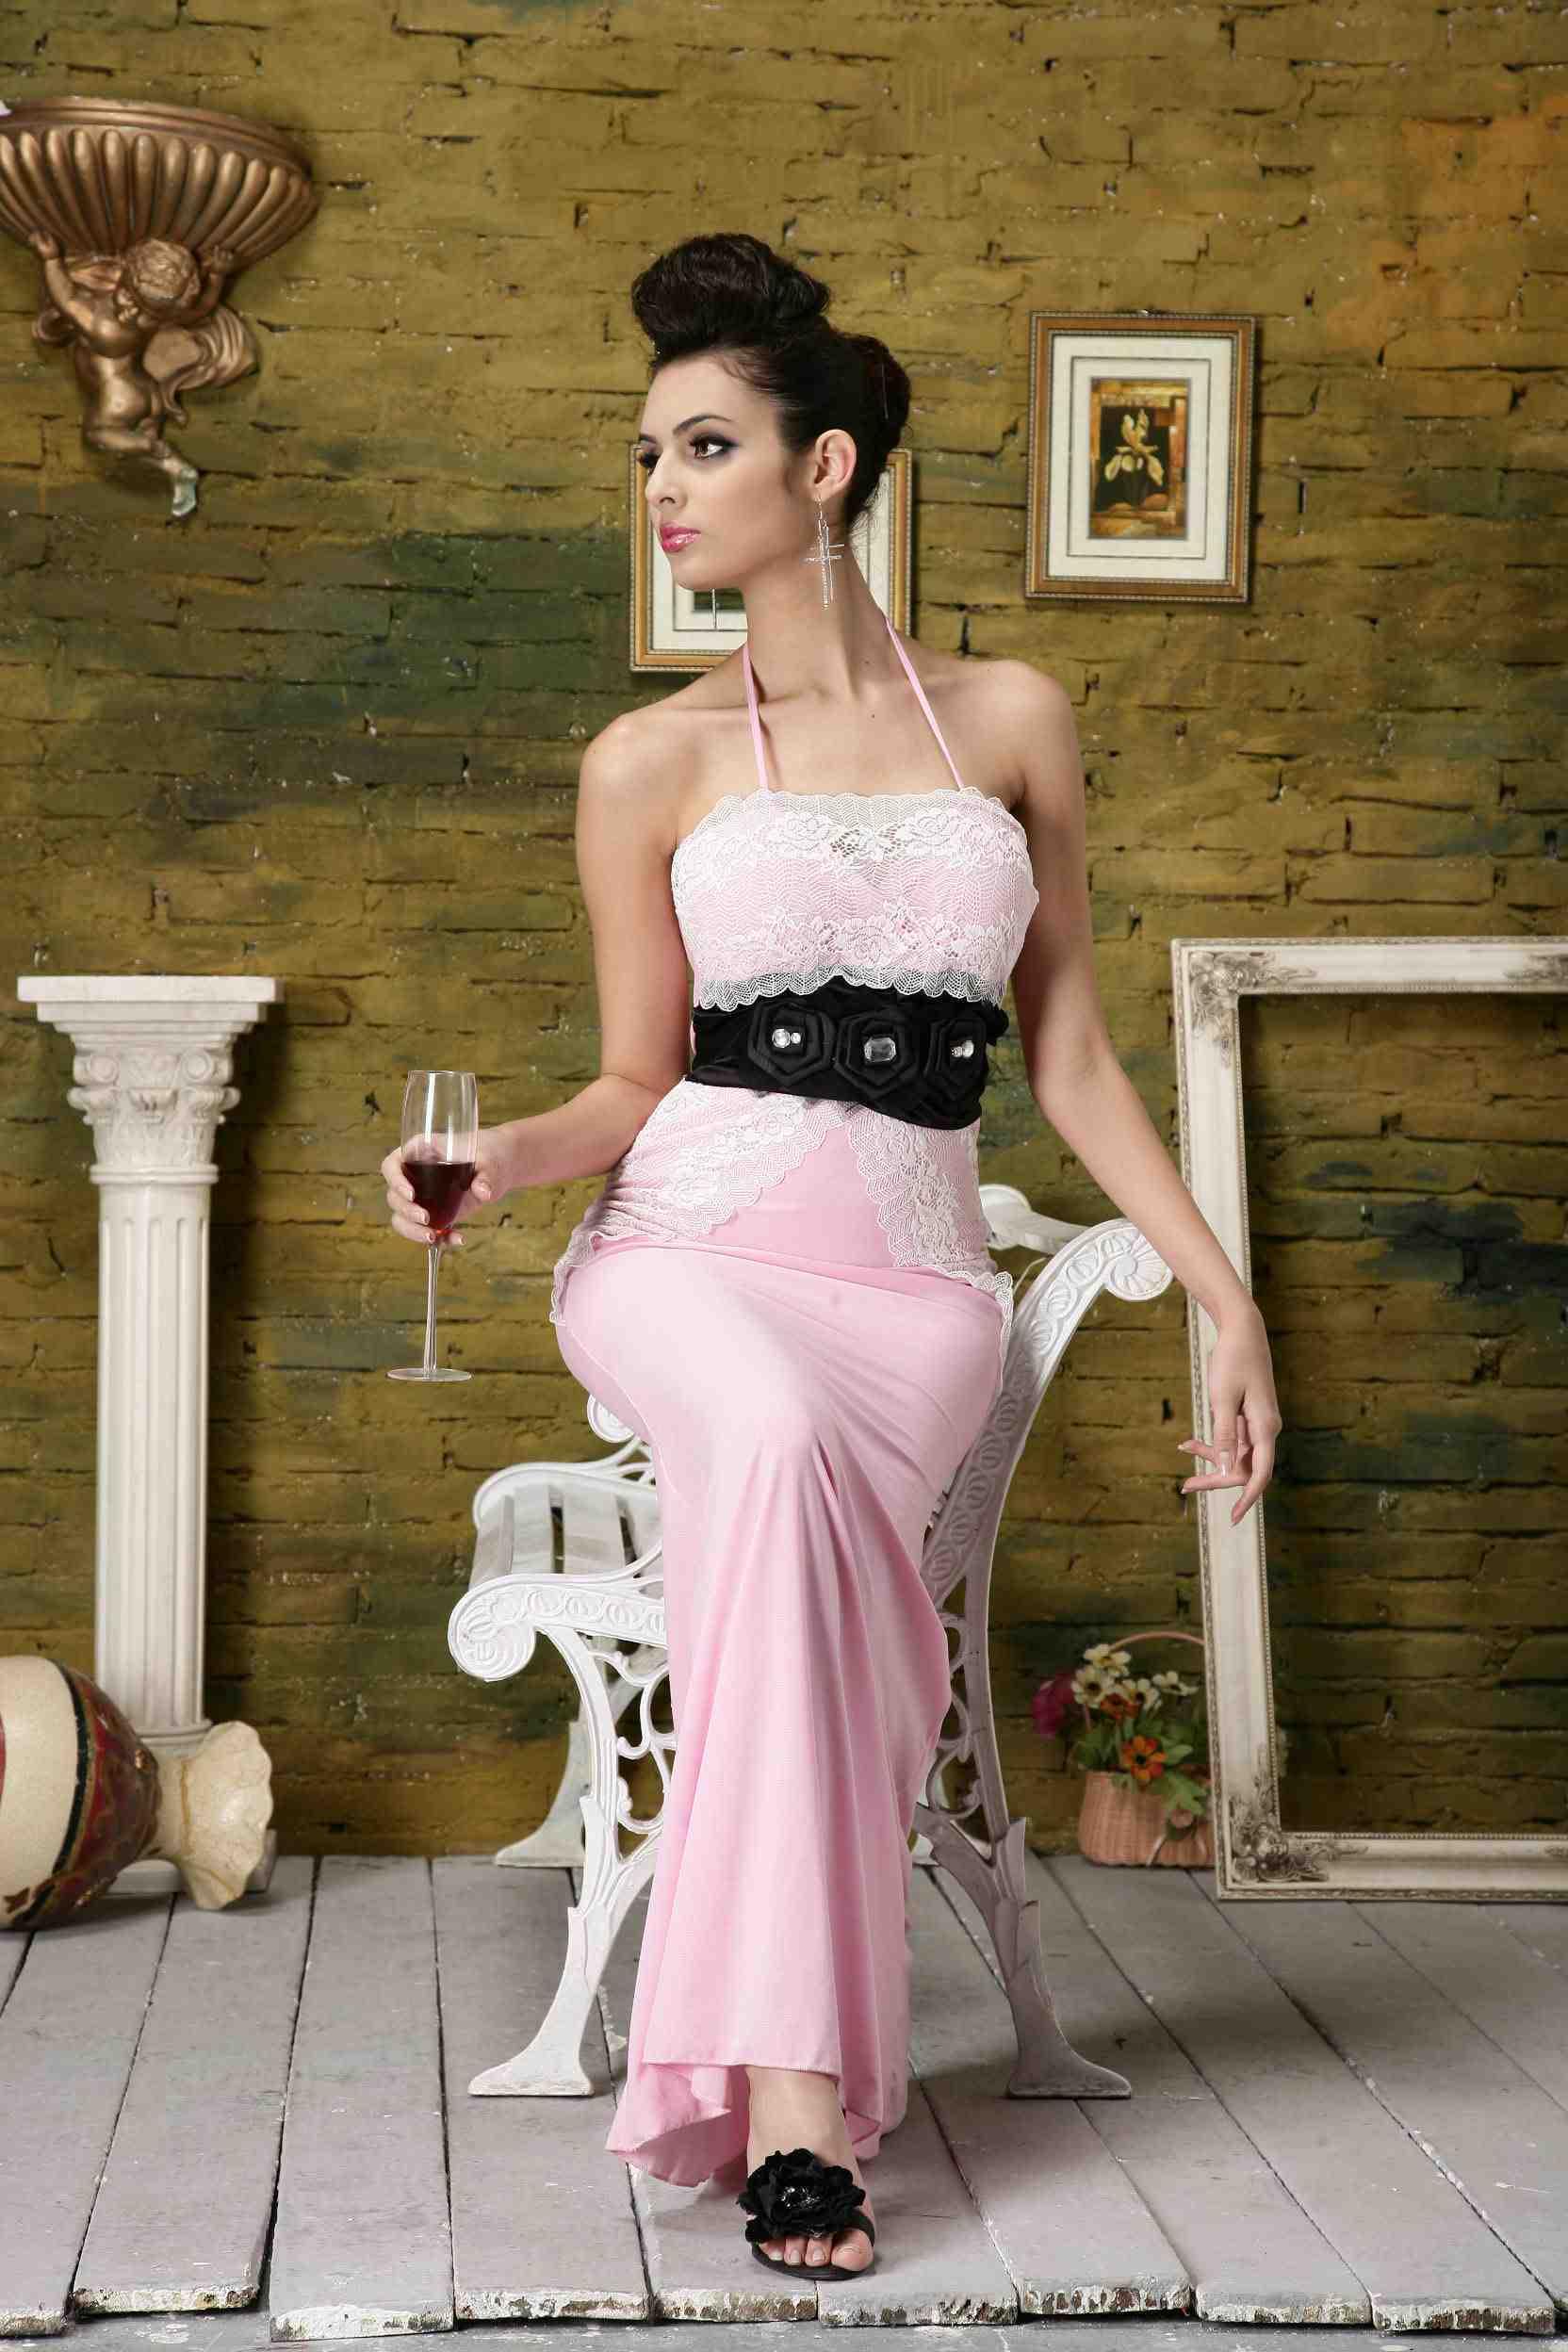 Вечернее платье Платье вечернее платье платье Платье вечернее платье костюм сексуальная одежда хост платья звезд носить 21321